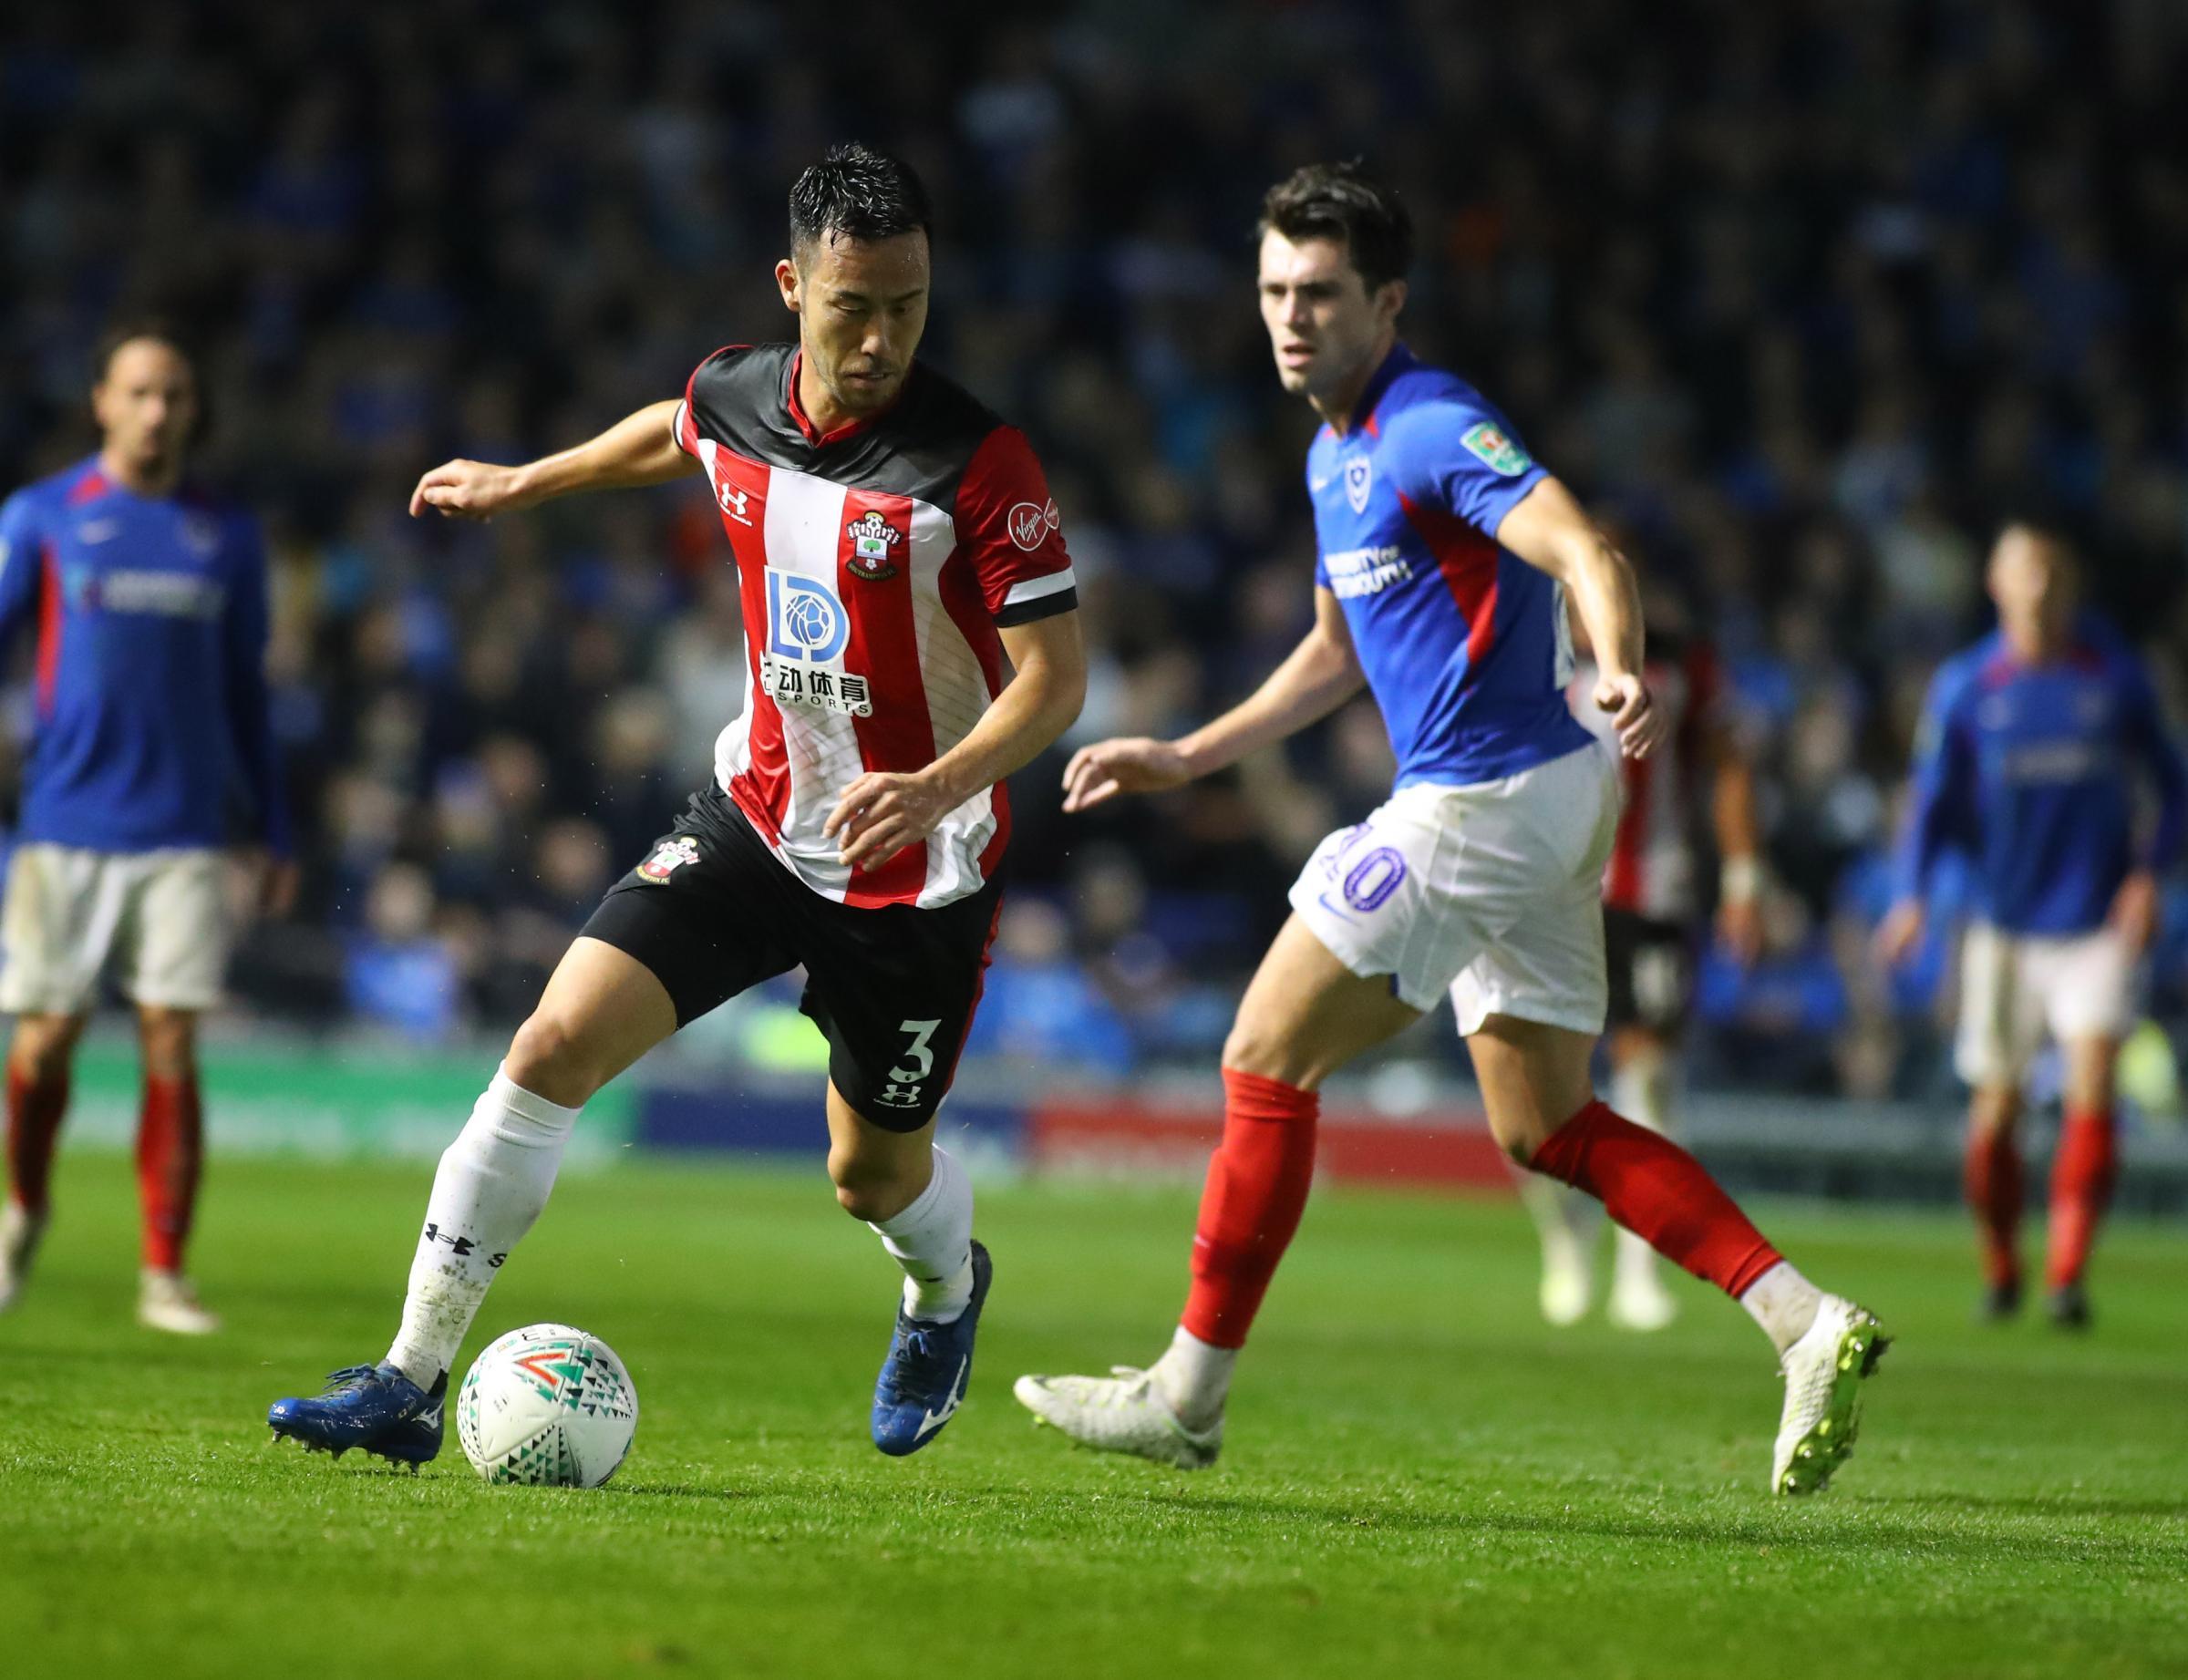 Southampton defender Maya Yoshida wins his 99th cap for Japan